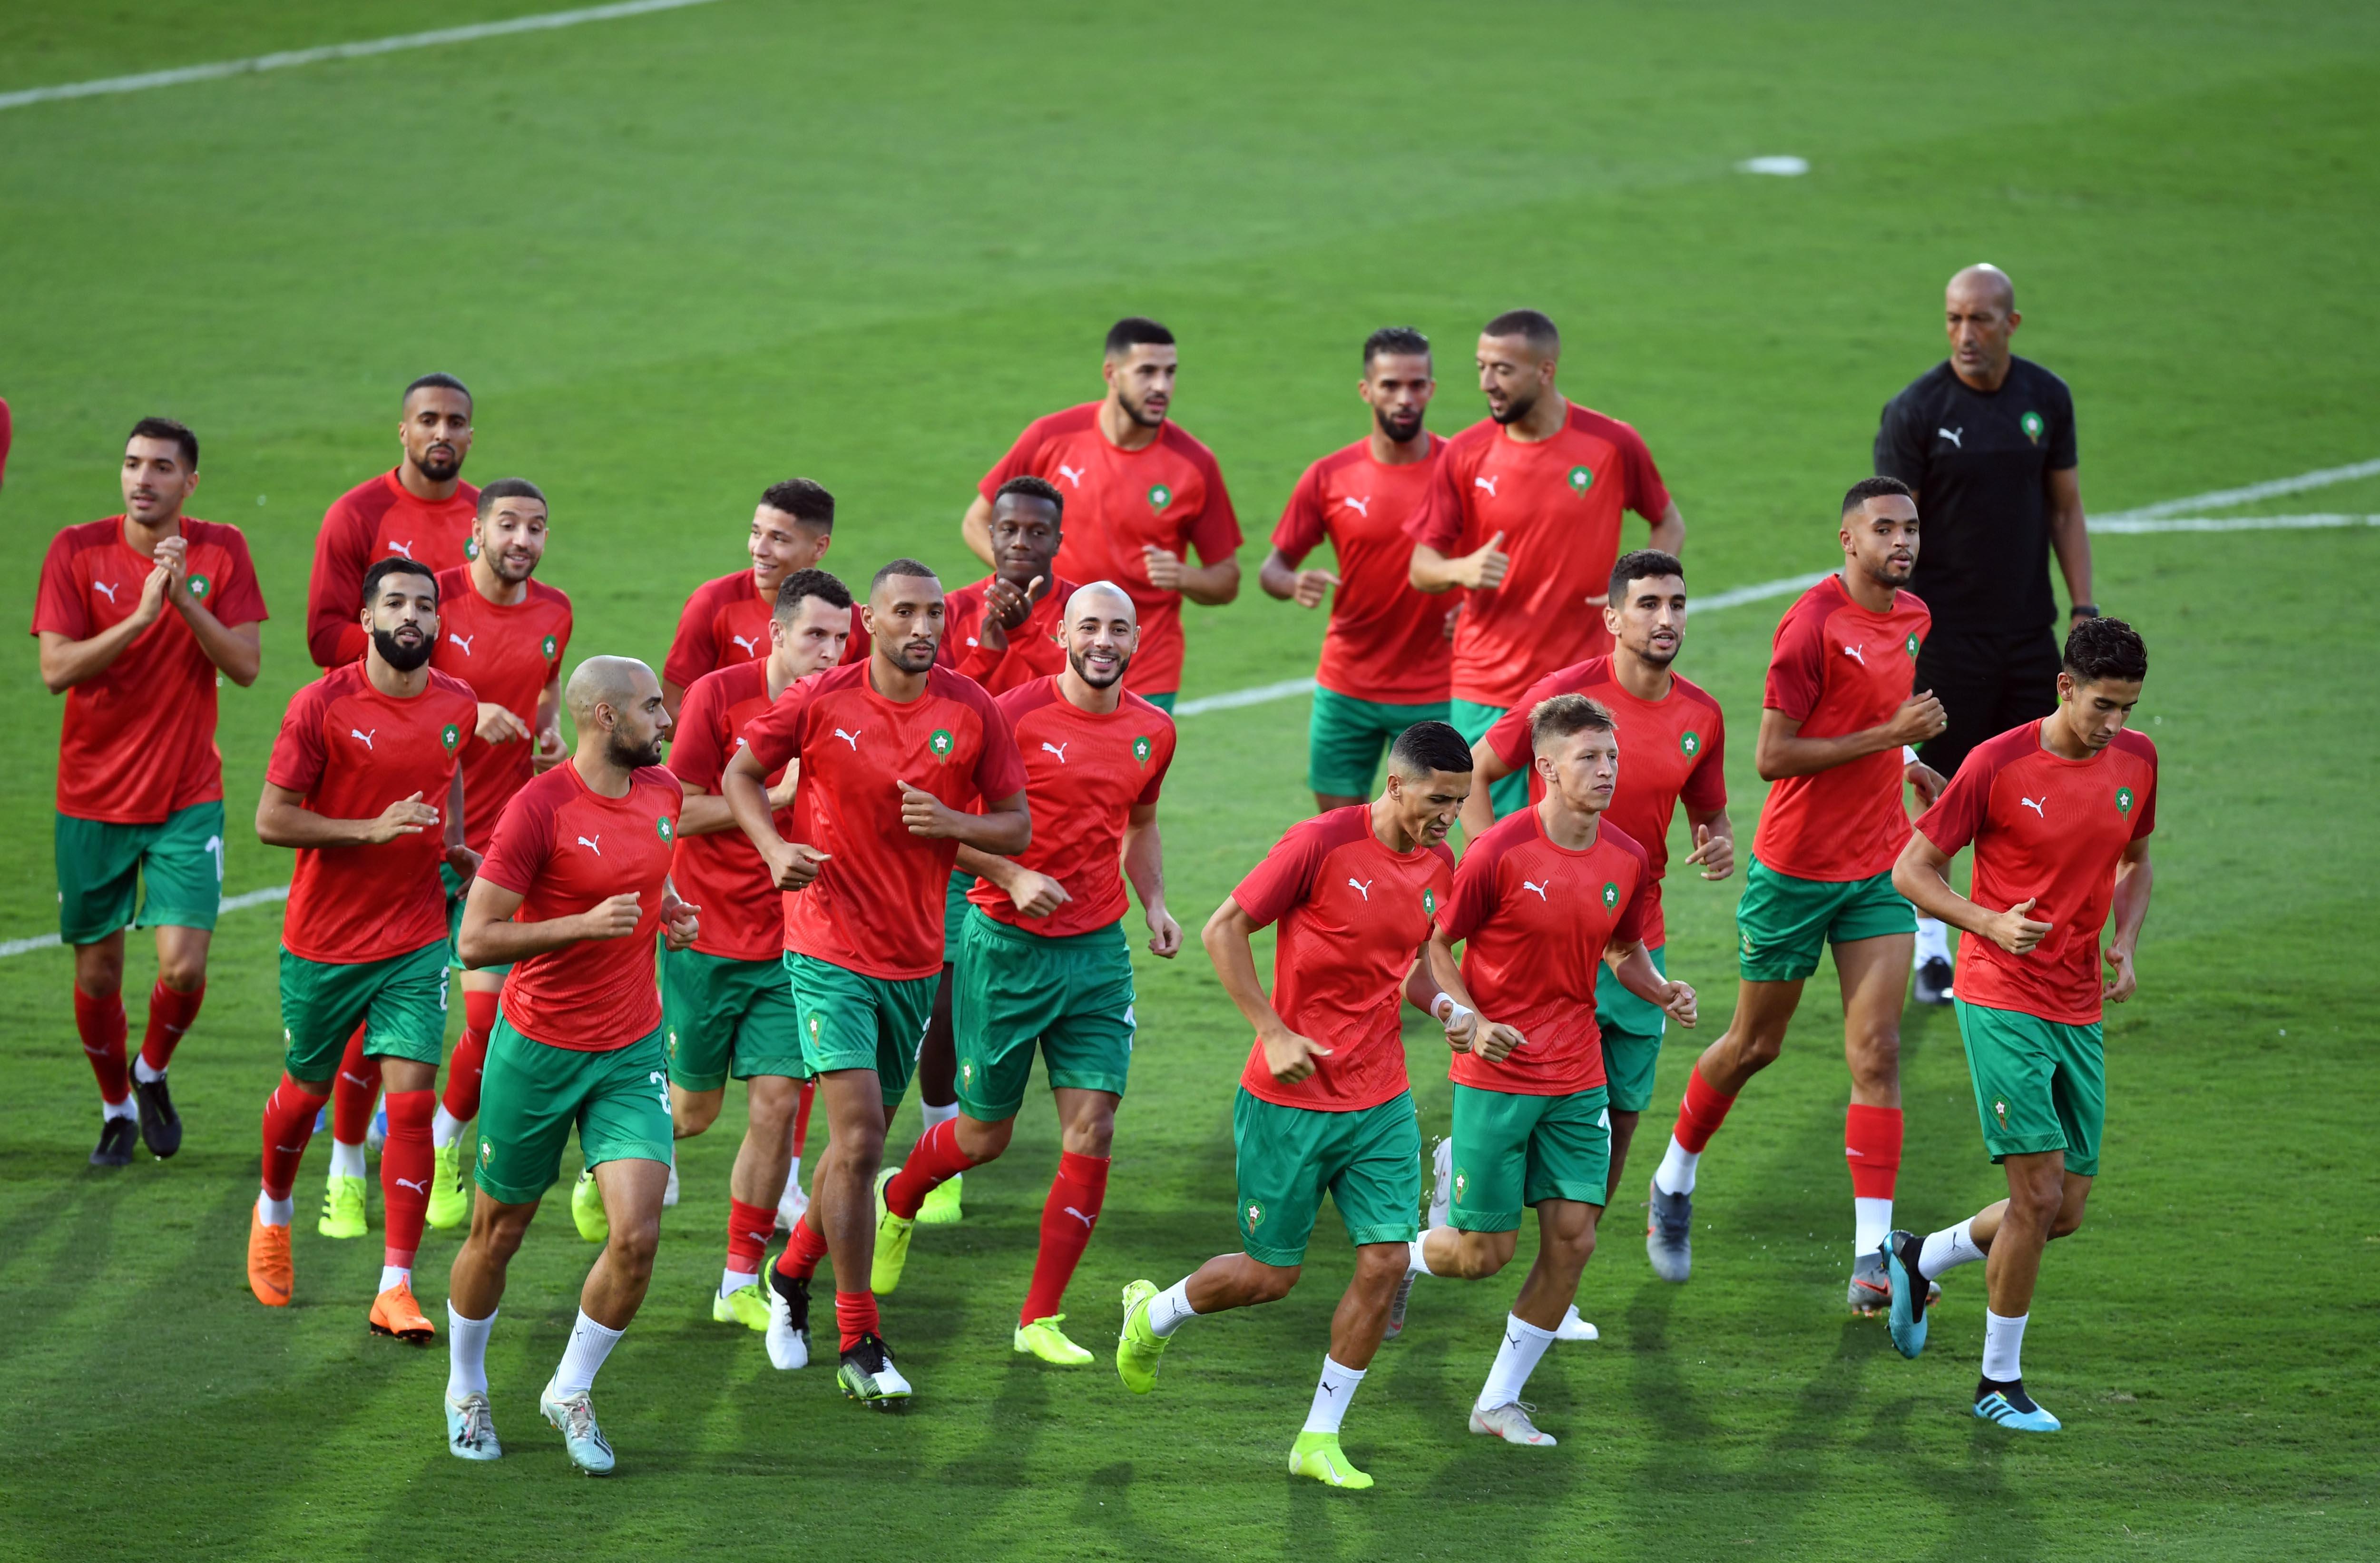 المنتخب المغربي يواصل الإستعداد لموريتانيا بمعنويات مرتفعة